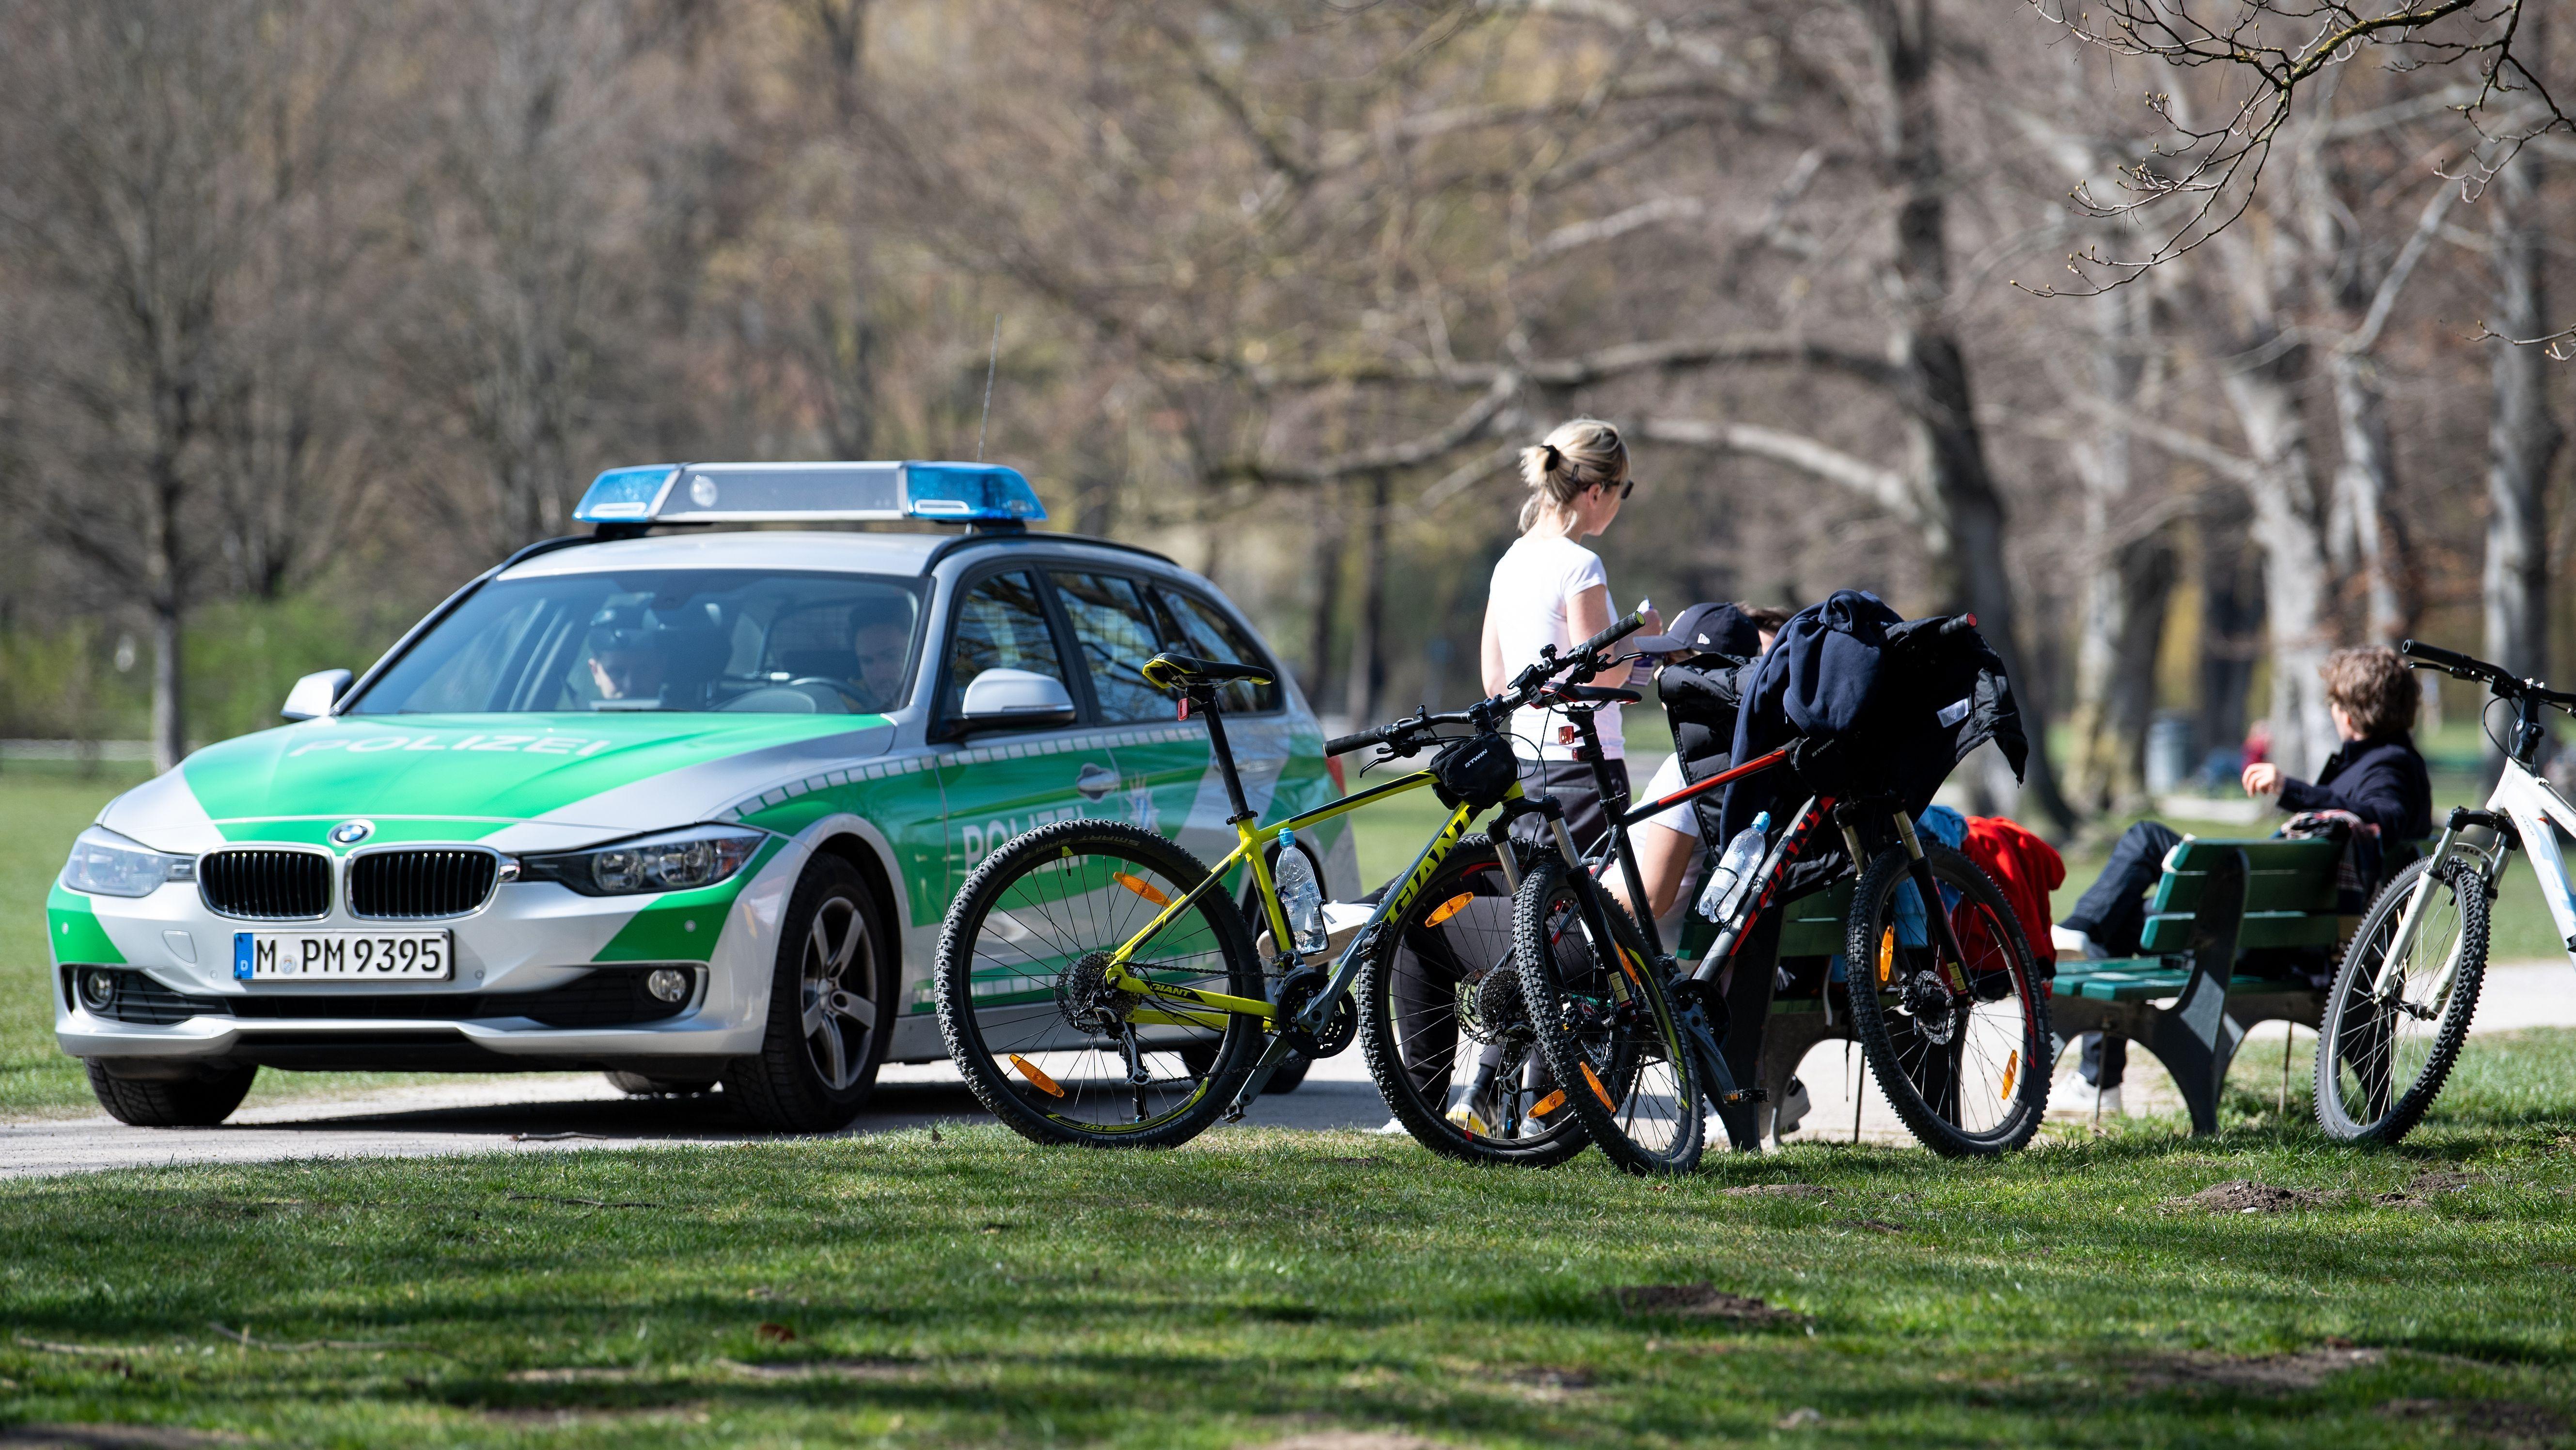 Auch im Englischen Garten in München musste die Polizei ausrücken.